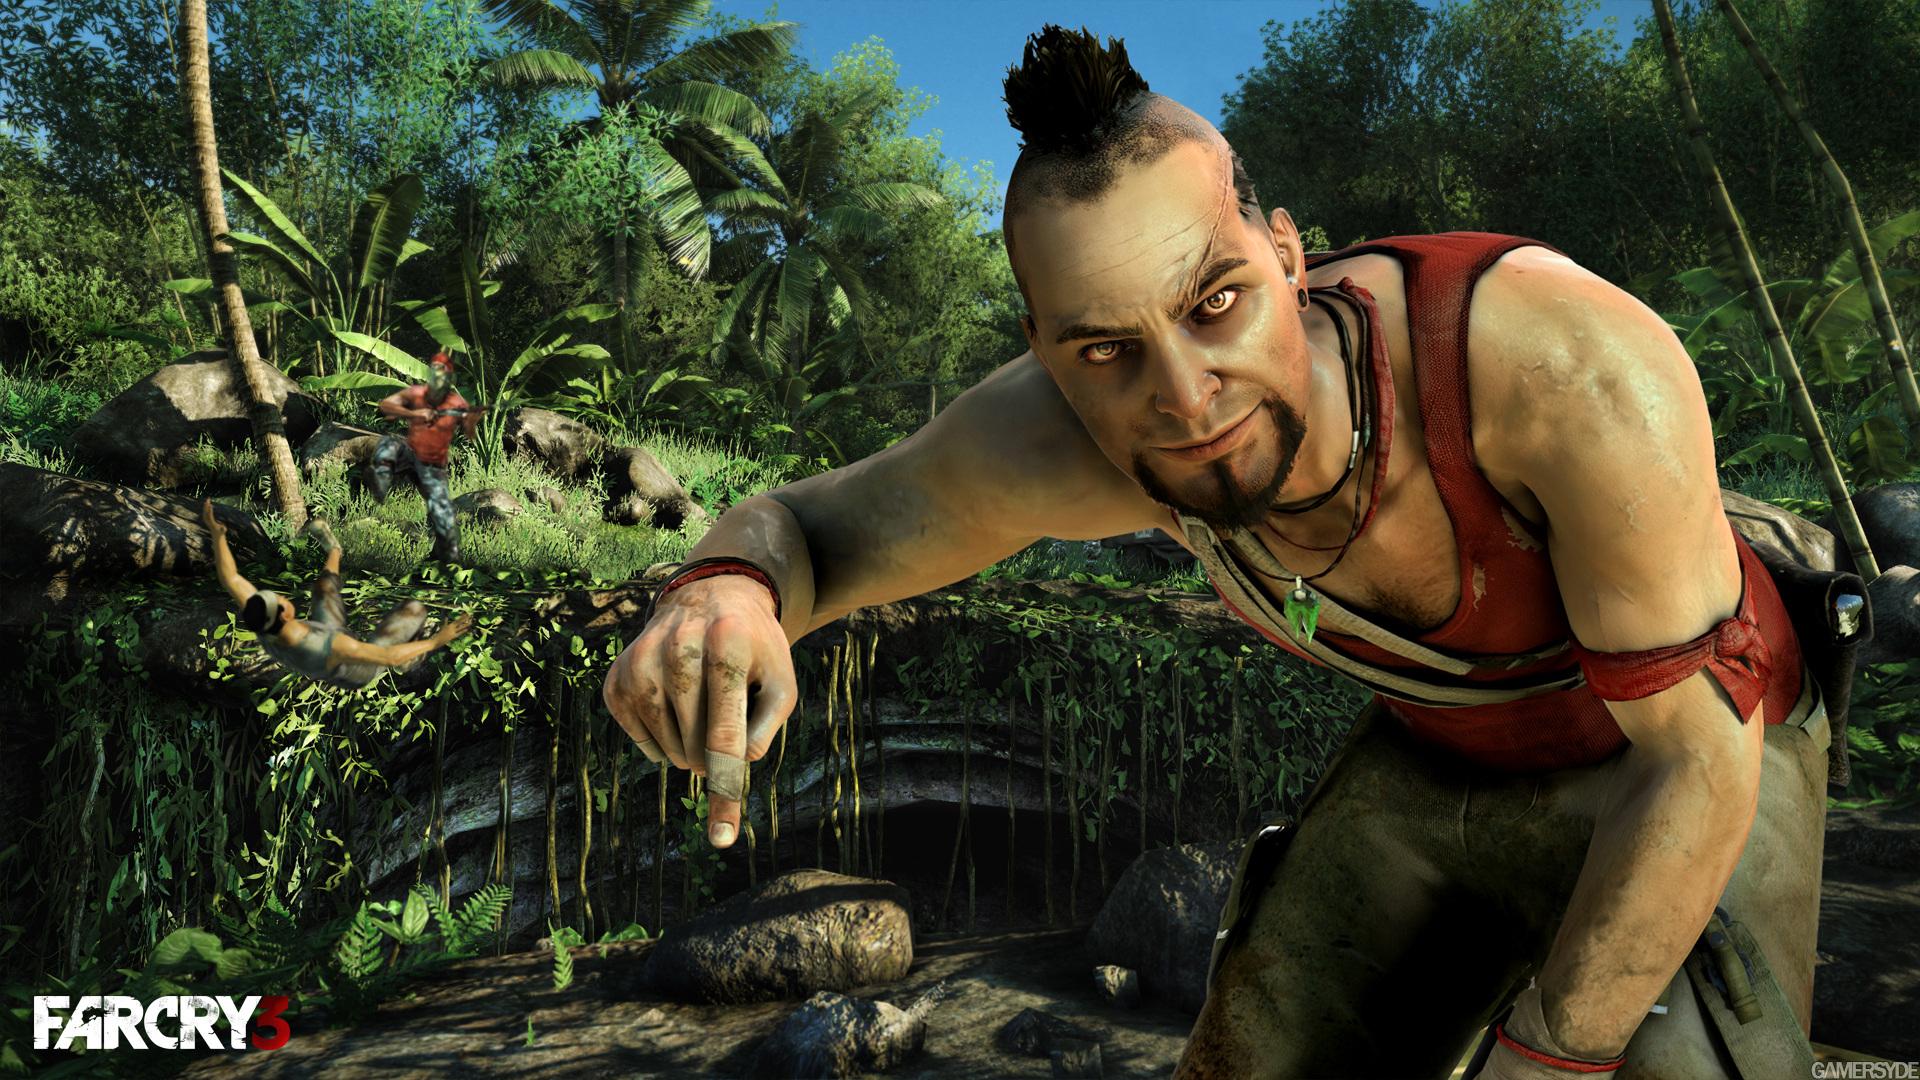 Cuatro minutos de Far Cry 3 en cooperativo comentado por sus desarrolladores [Video]